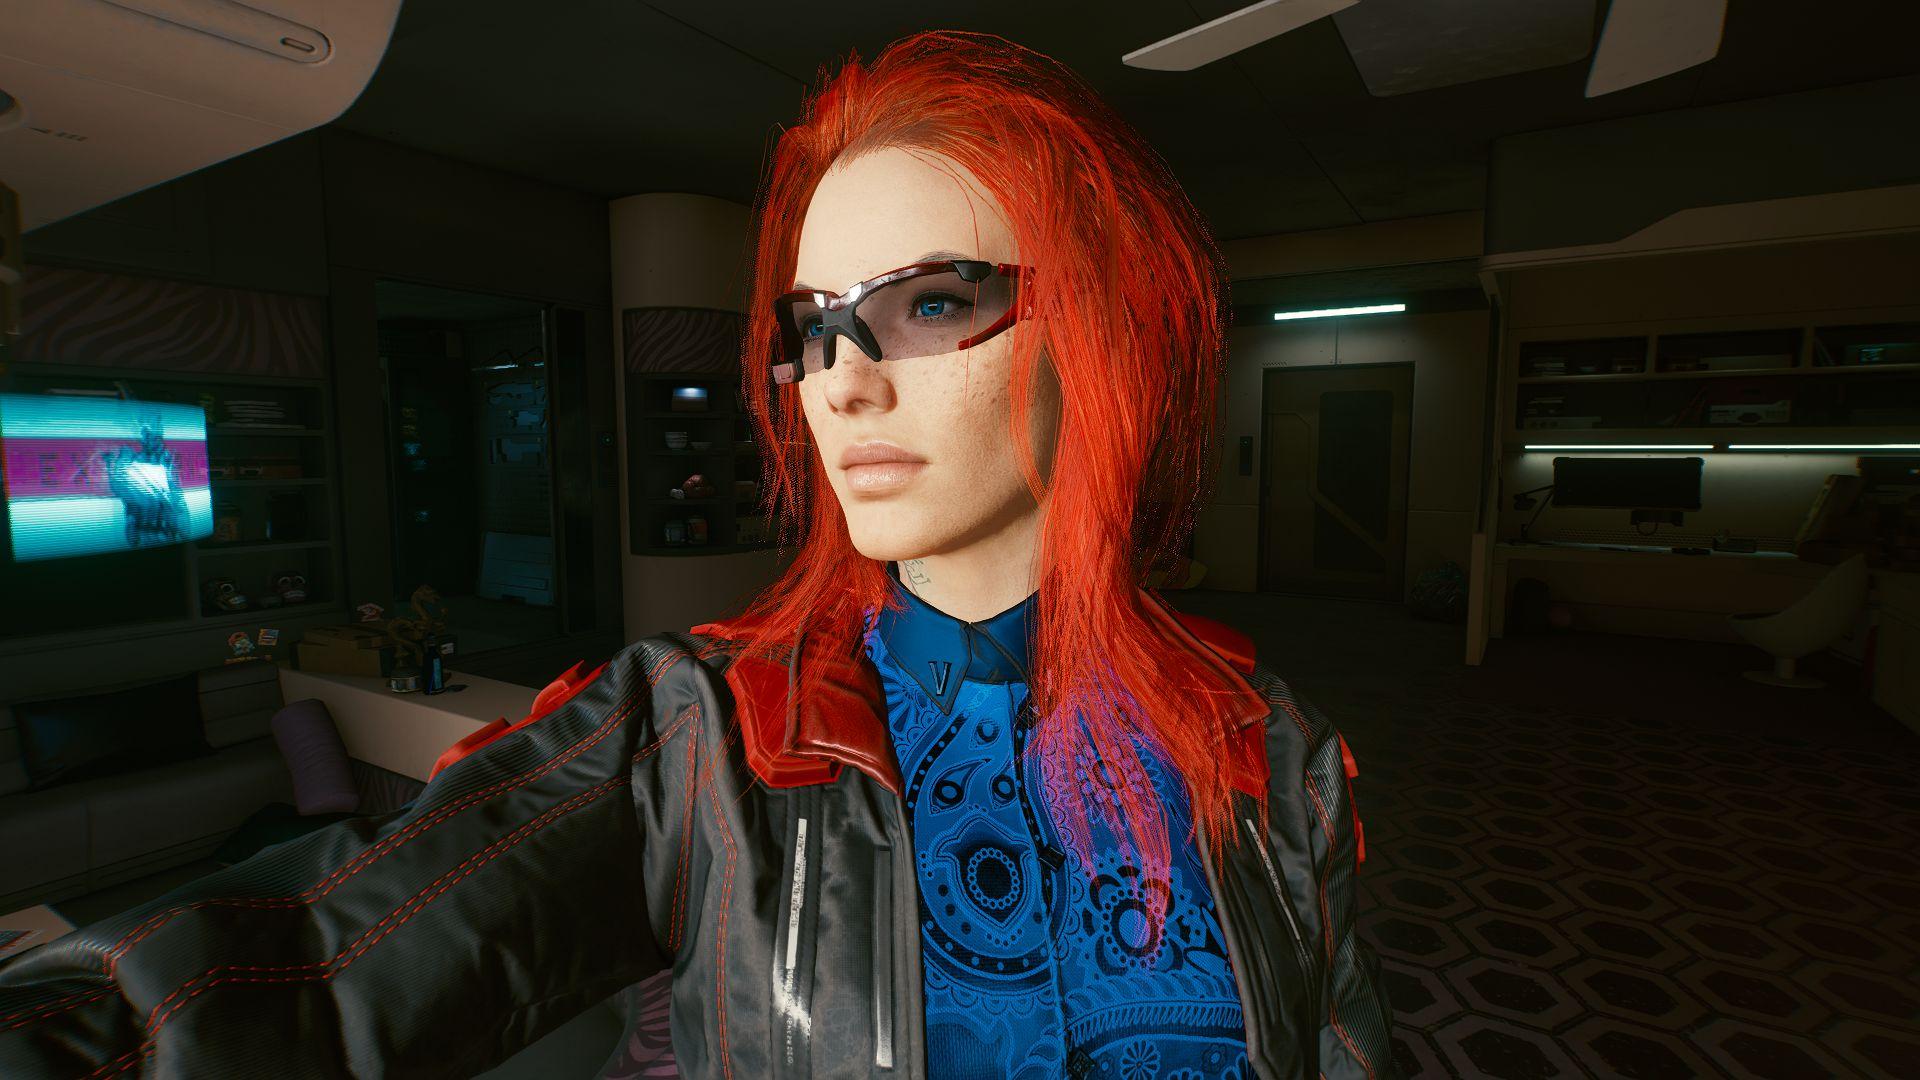 000254.Jpg - Cyberpunk 2077